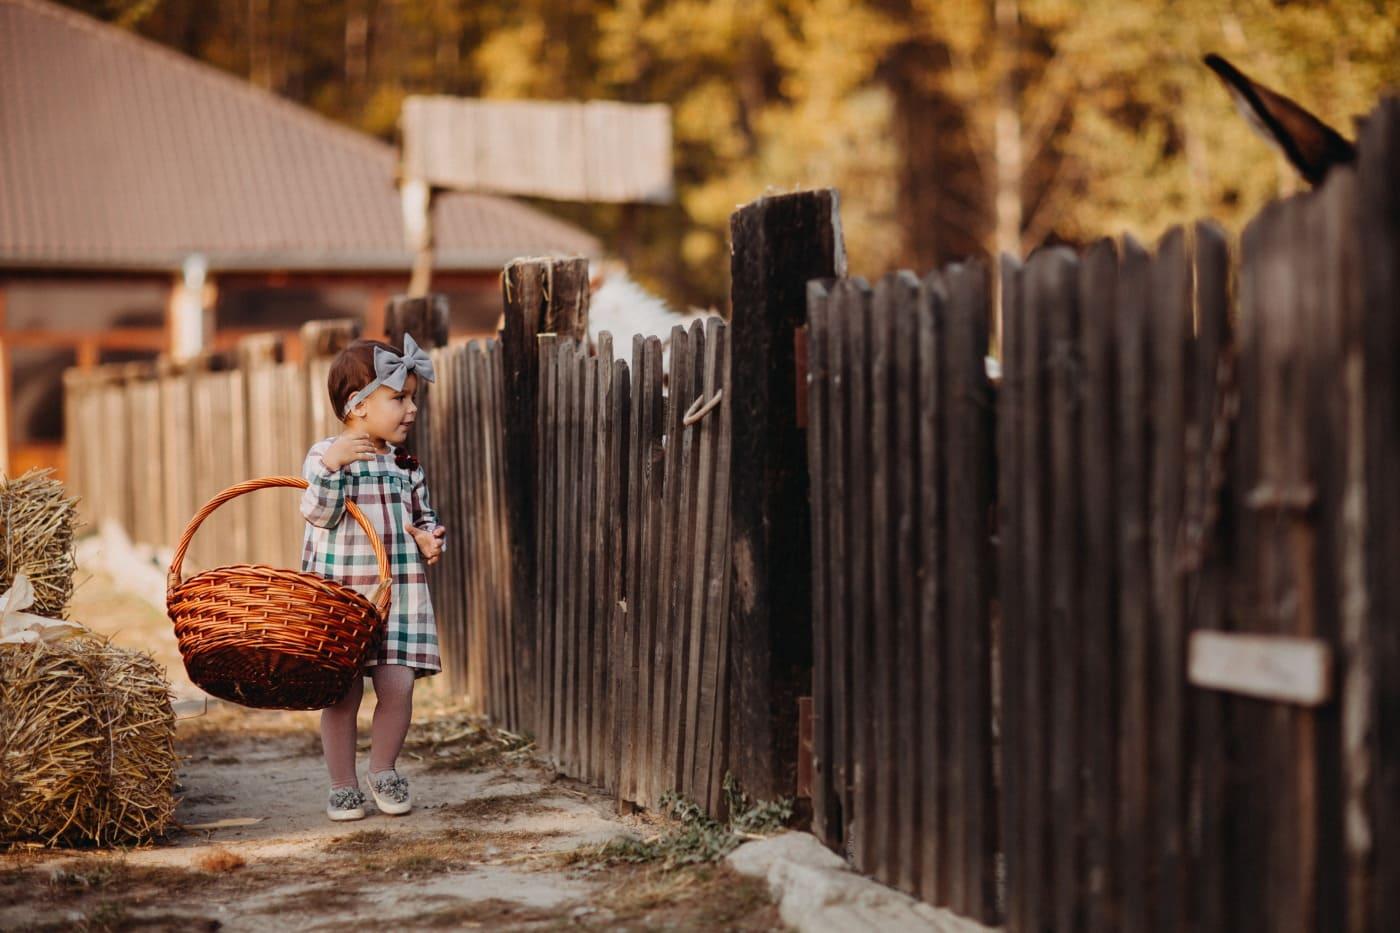 детство, деревня, ребенок, игривый, Невинность, наслаждаясь, забор, дерево, на открытом воздухе, забор